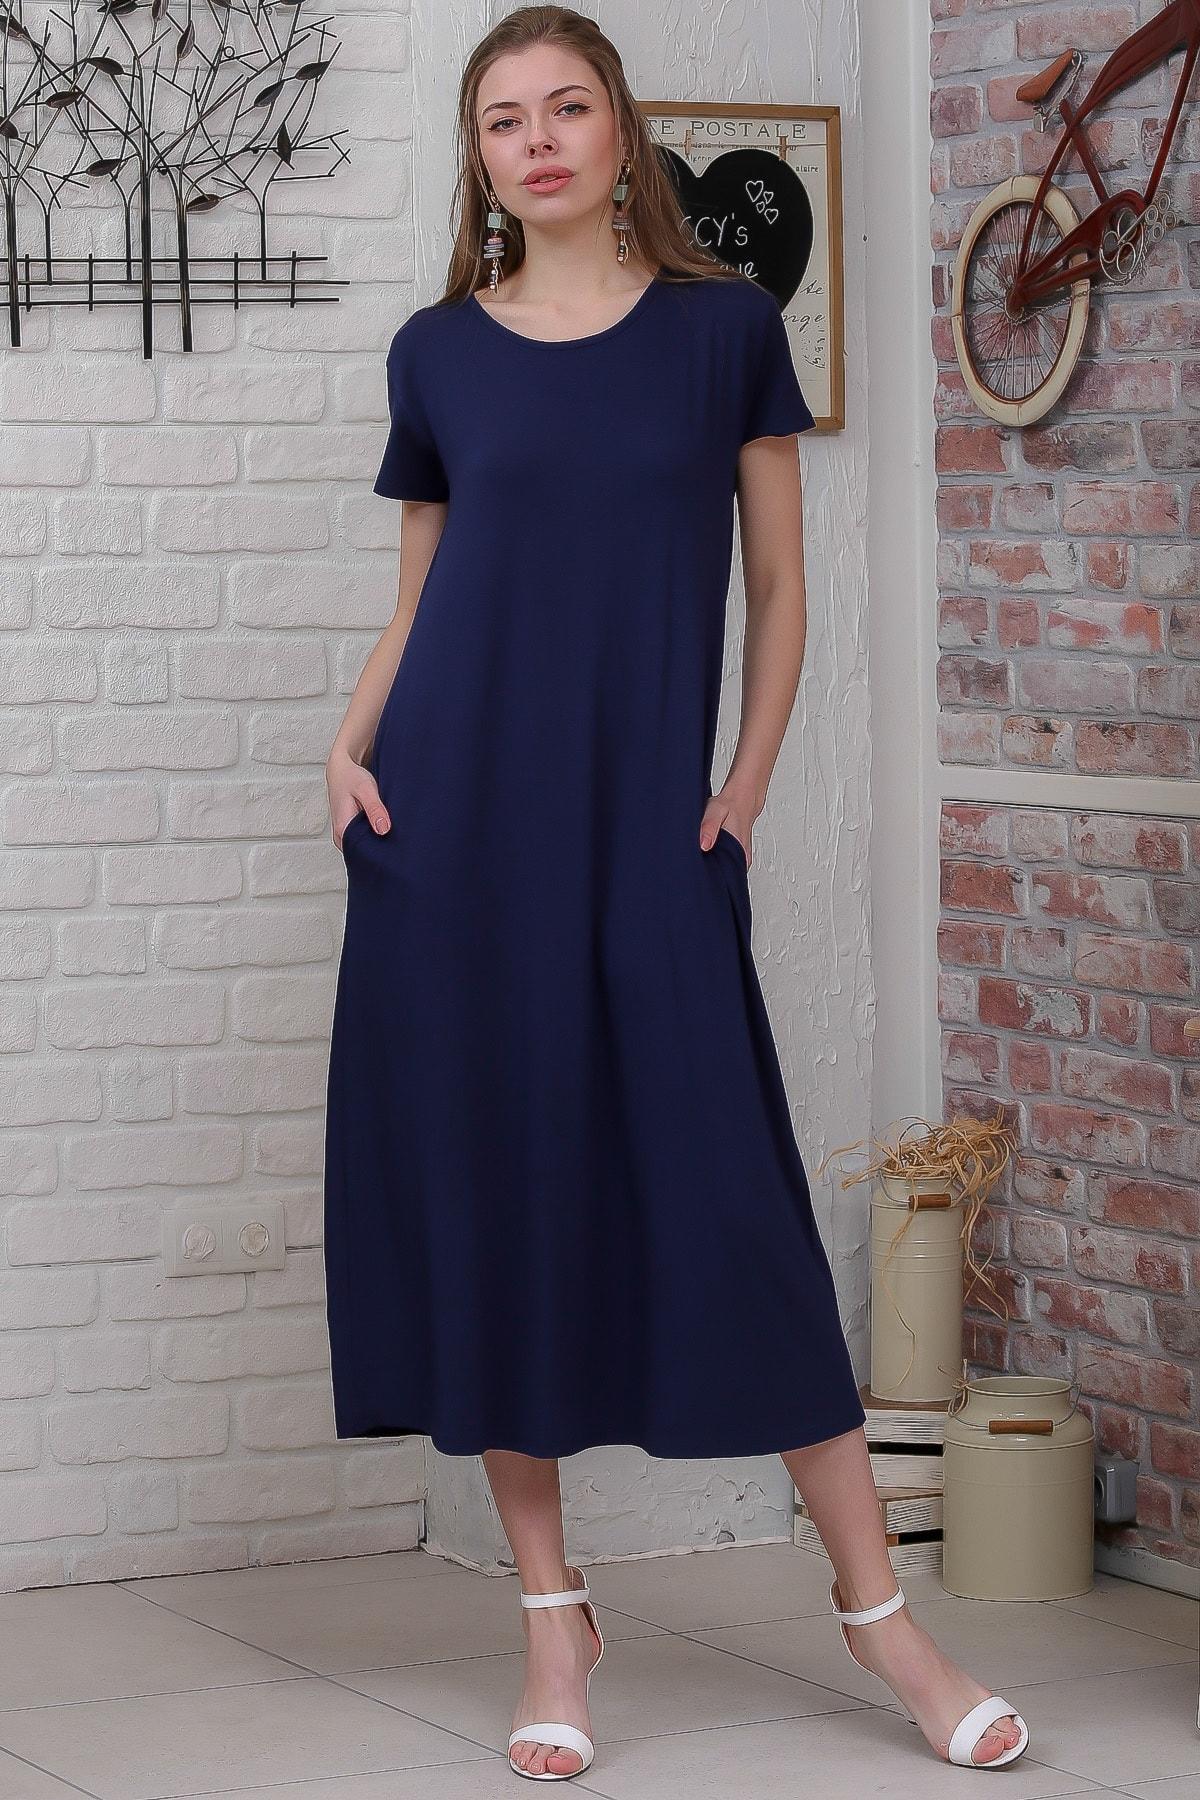 Chiccy Kadın Lacivert Sıfır Yaka Kısa Kollu Gizli Cepli Salaş Elbise M10160000EL95531 0